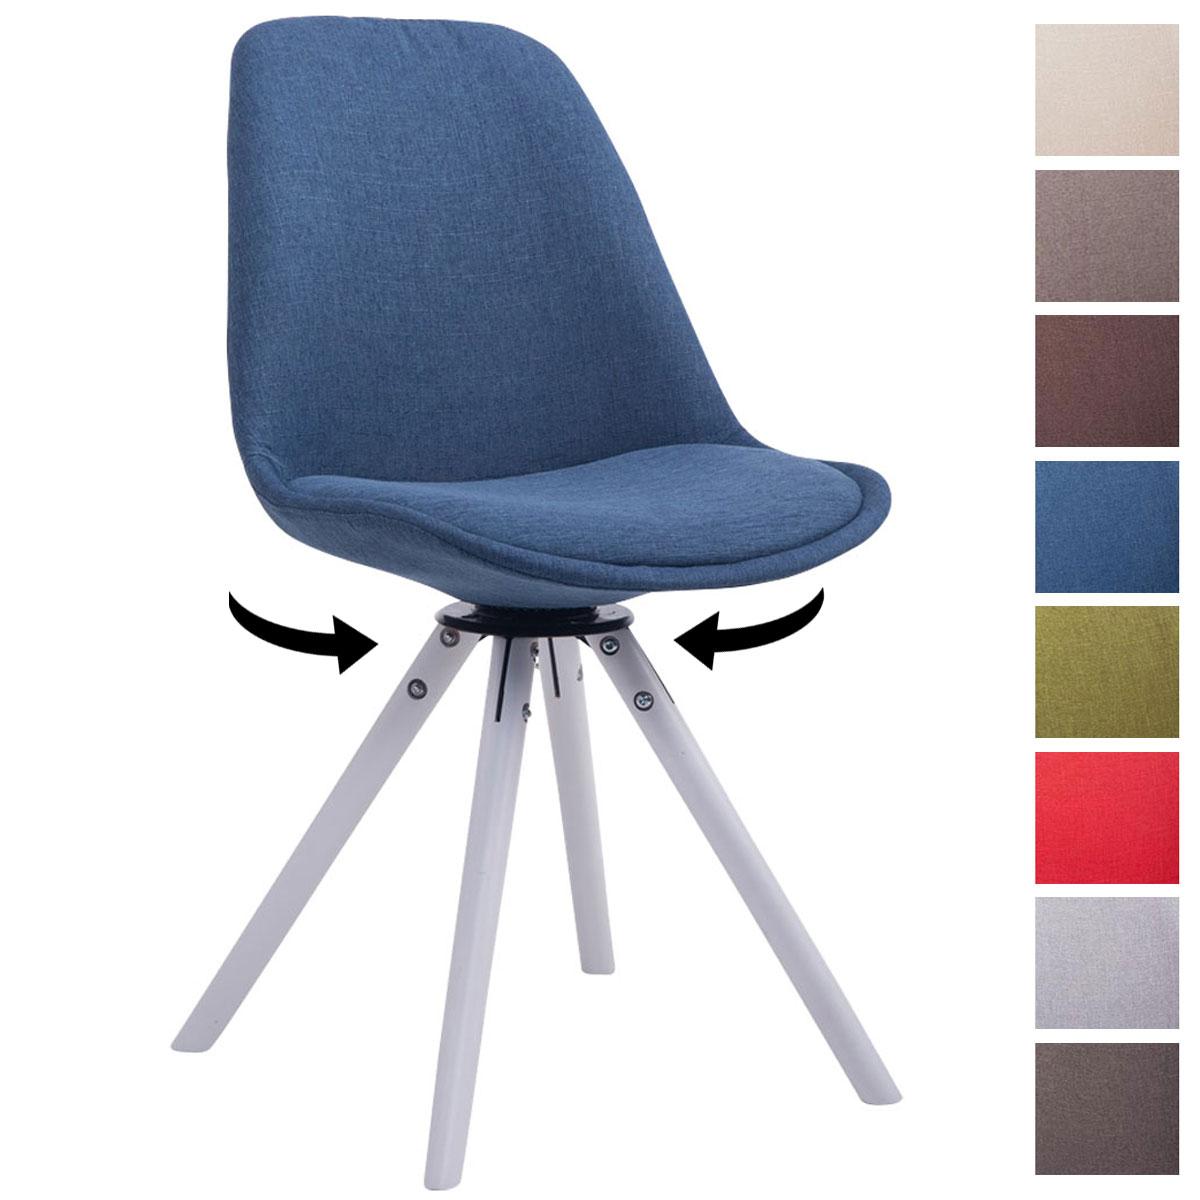 Chaise salle manger troyes pivotant bois fauteuil tissu design cuisine bureau ebay - Chaise de cuisine pivotante ...